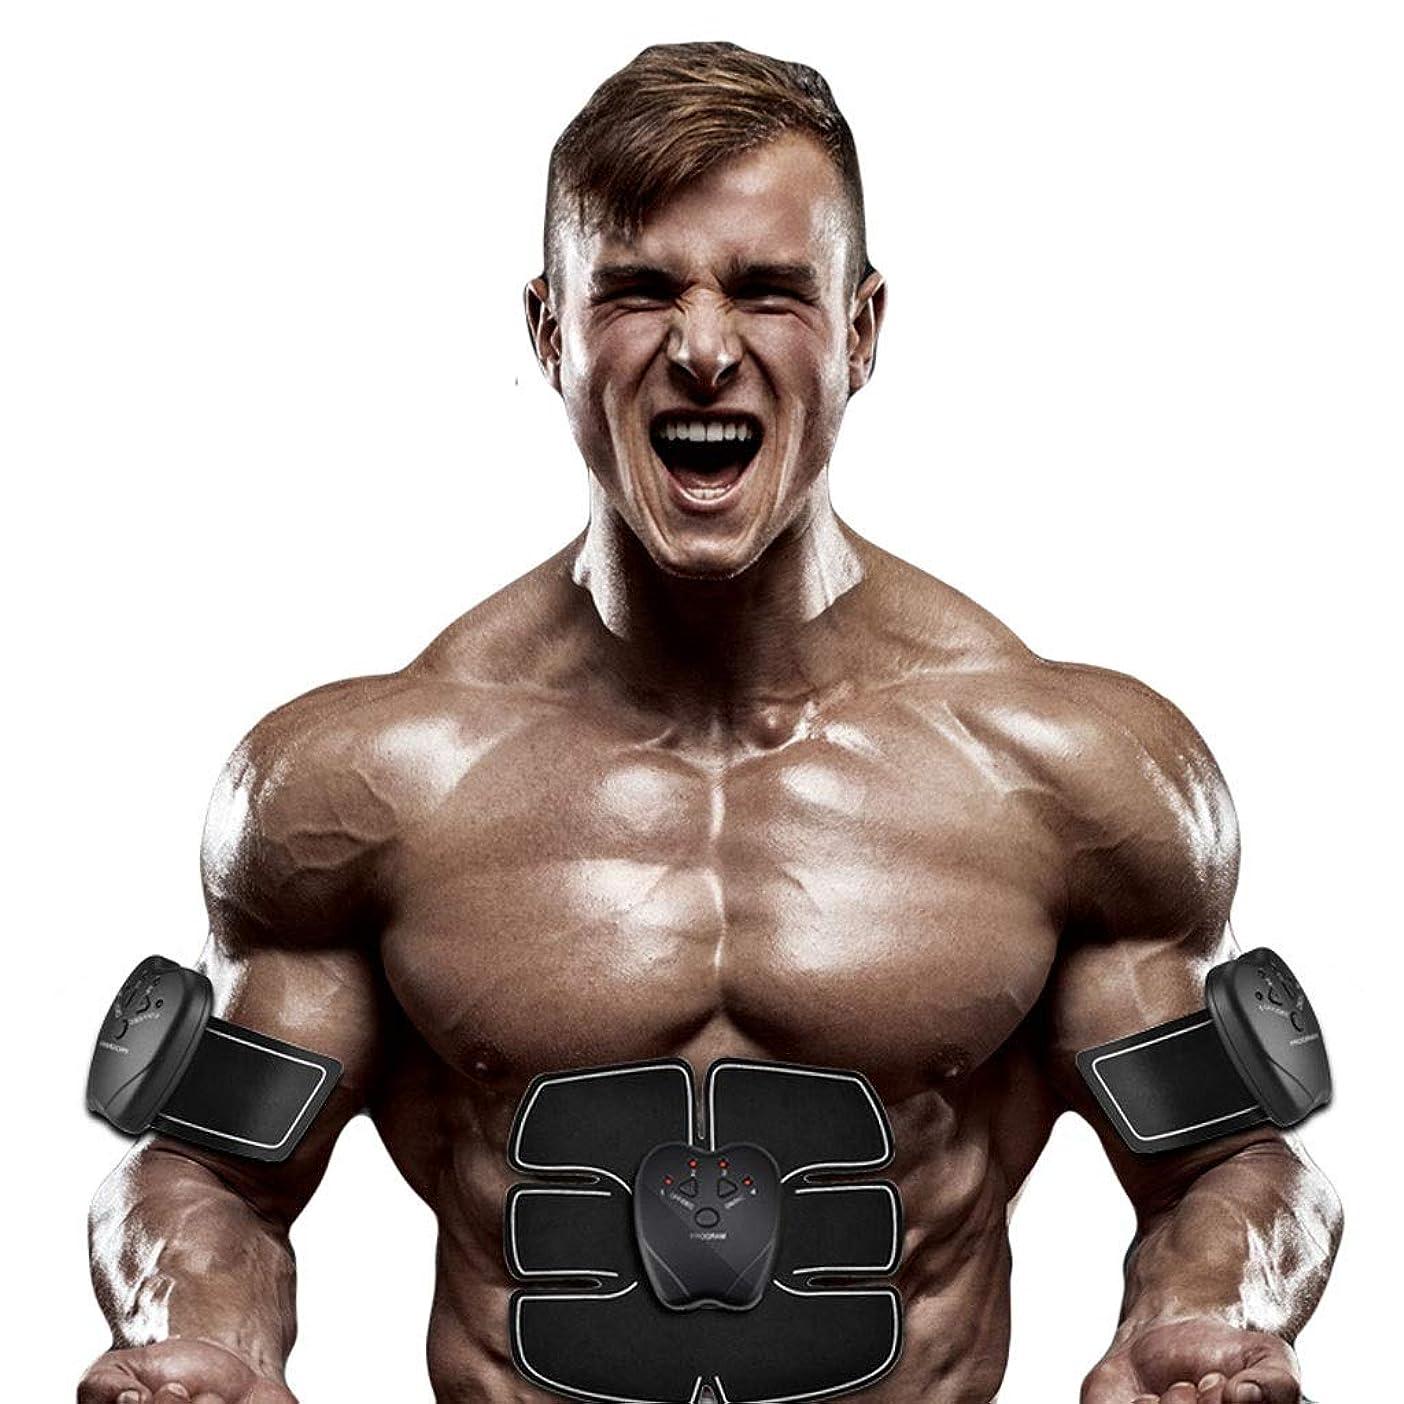 ズボンそれぞれ同行する腹部刺激、腹部調色ベルト、マッスルトナー、ポータブルマッスルトレーナー、ボディマッスルフィットネストレーナー腹部腕用トレーニング